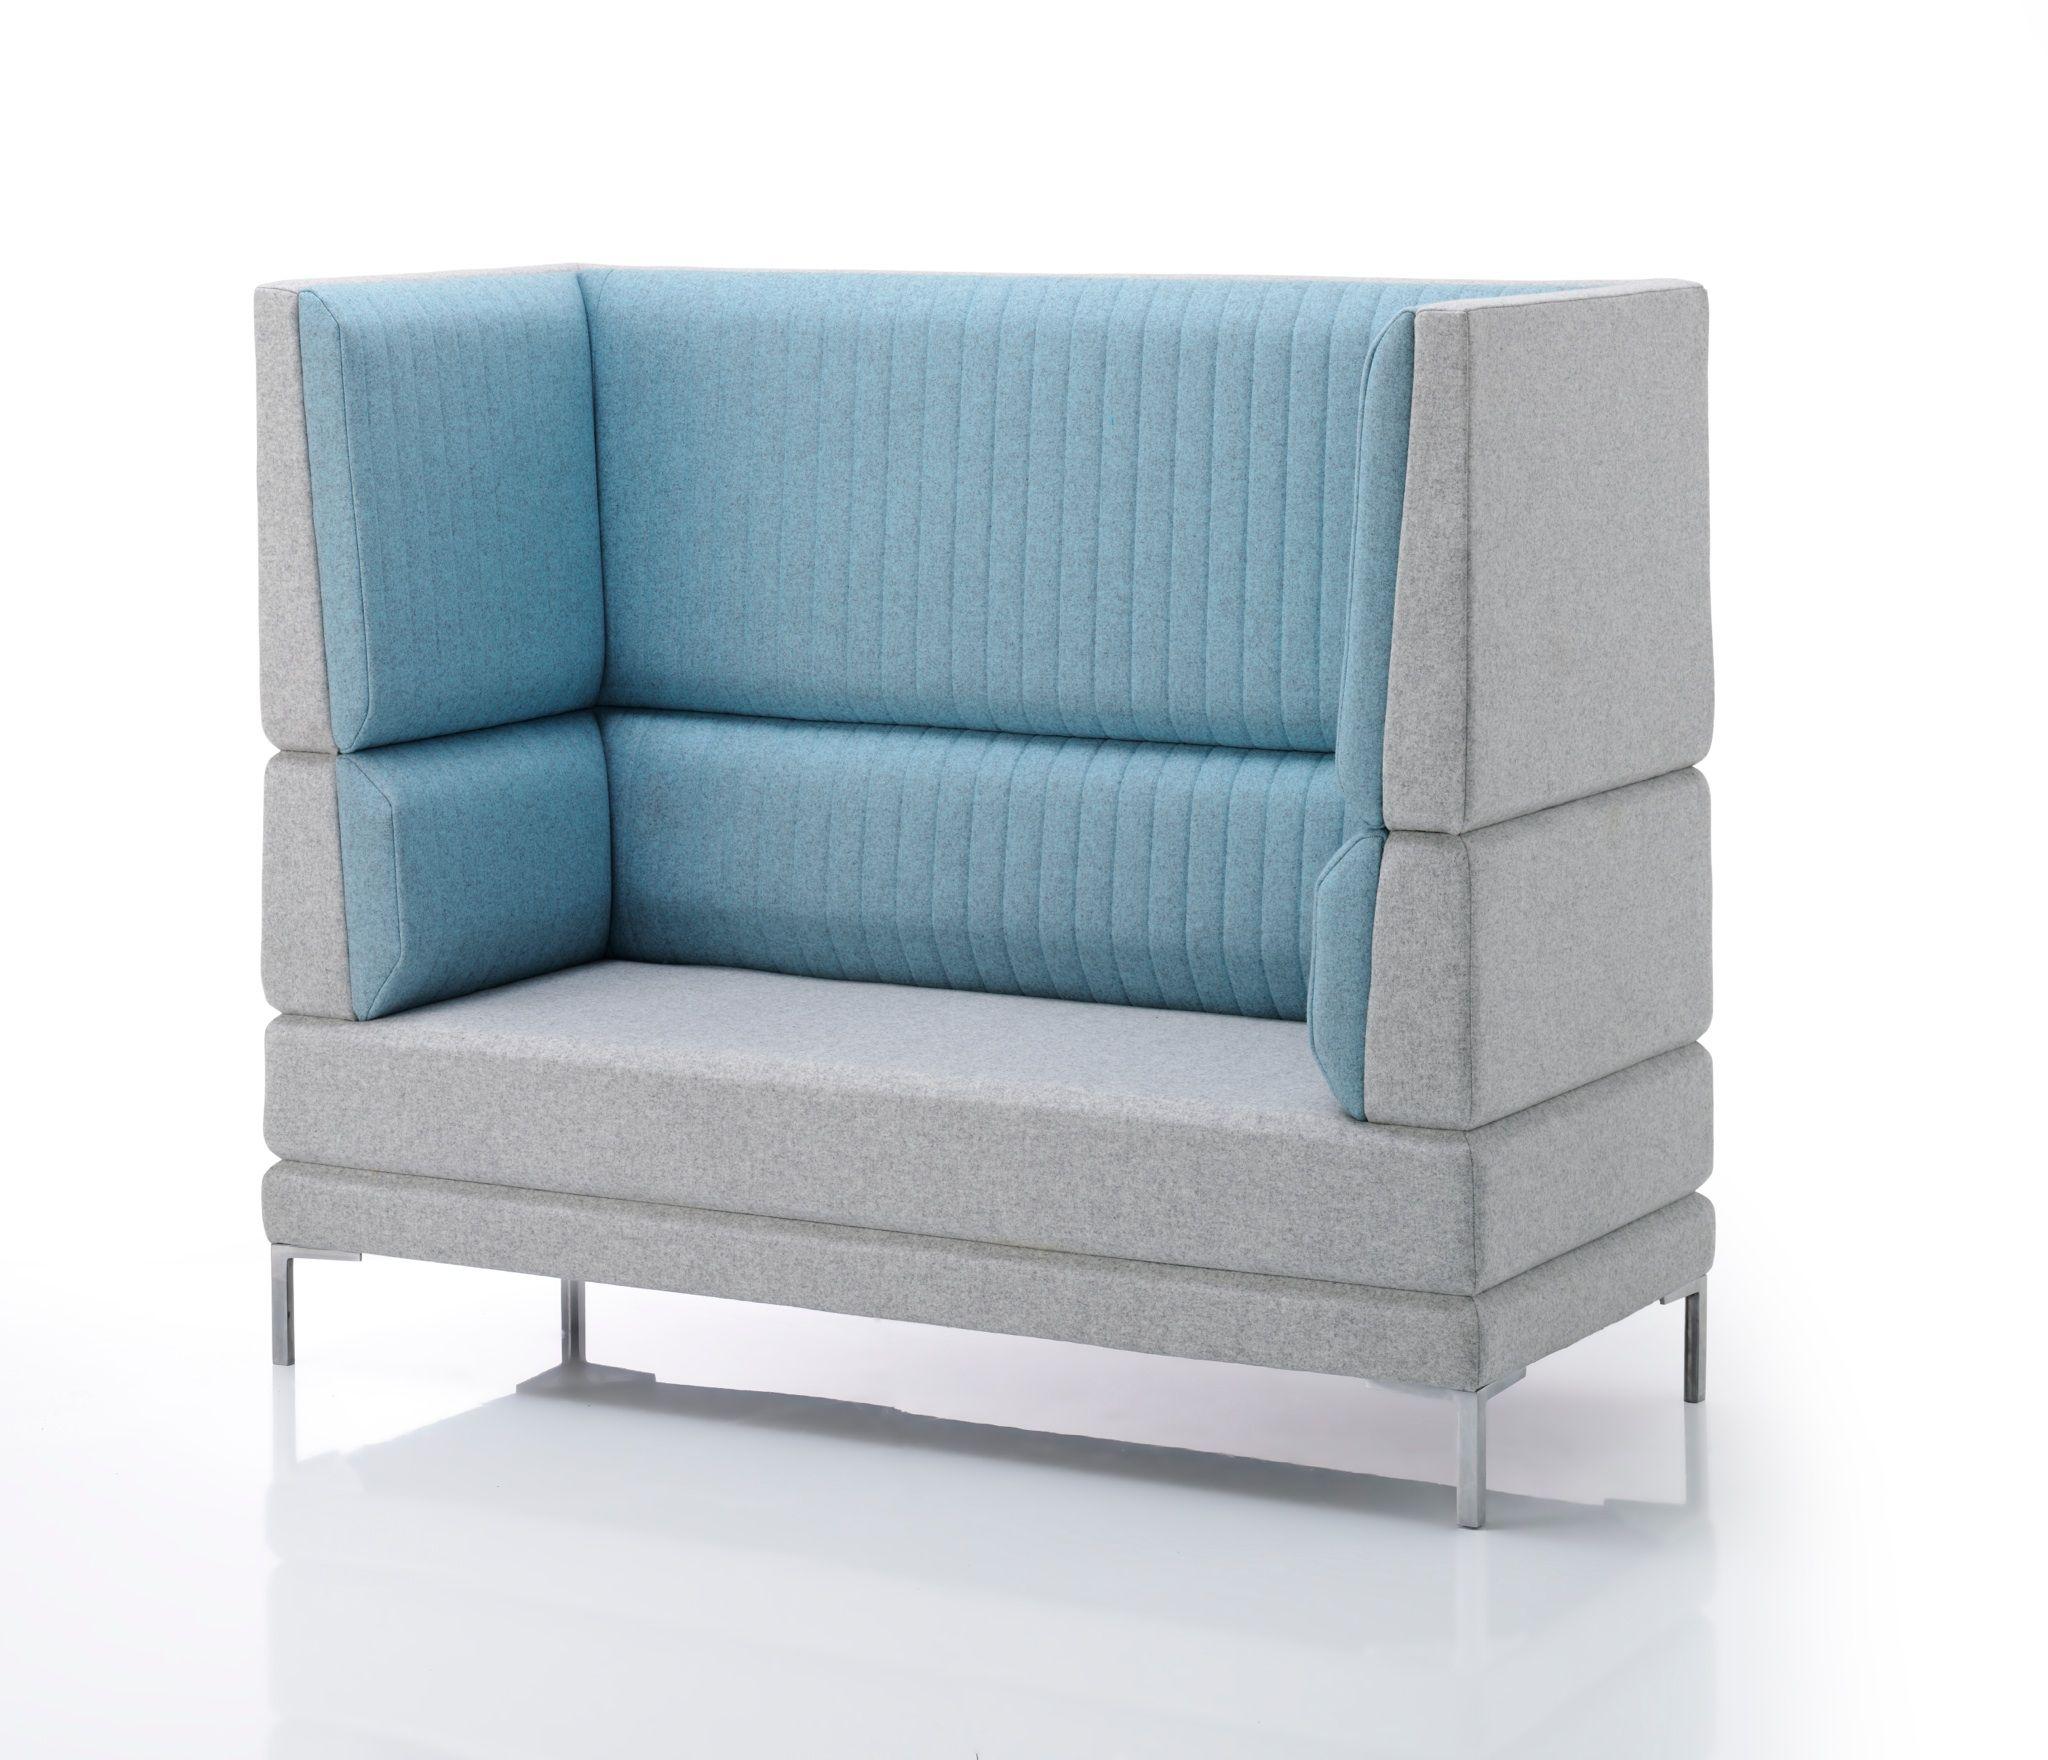 henray high back sofa furniture pinterest. Black Bedroom Furniture Sets. Home Design Ideas